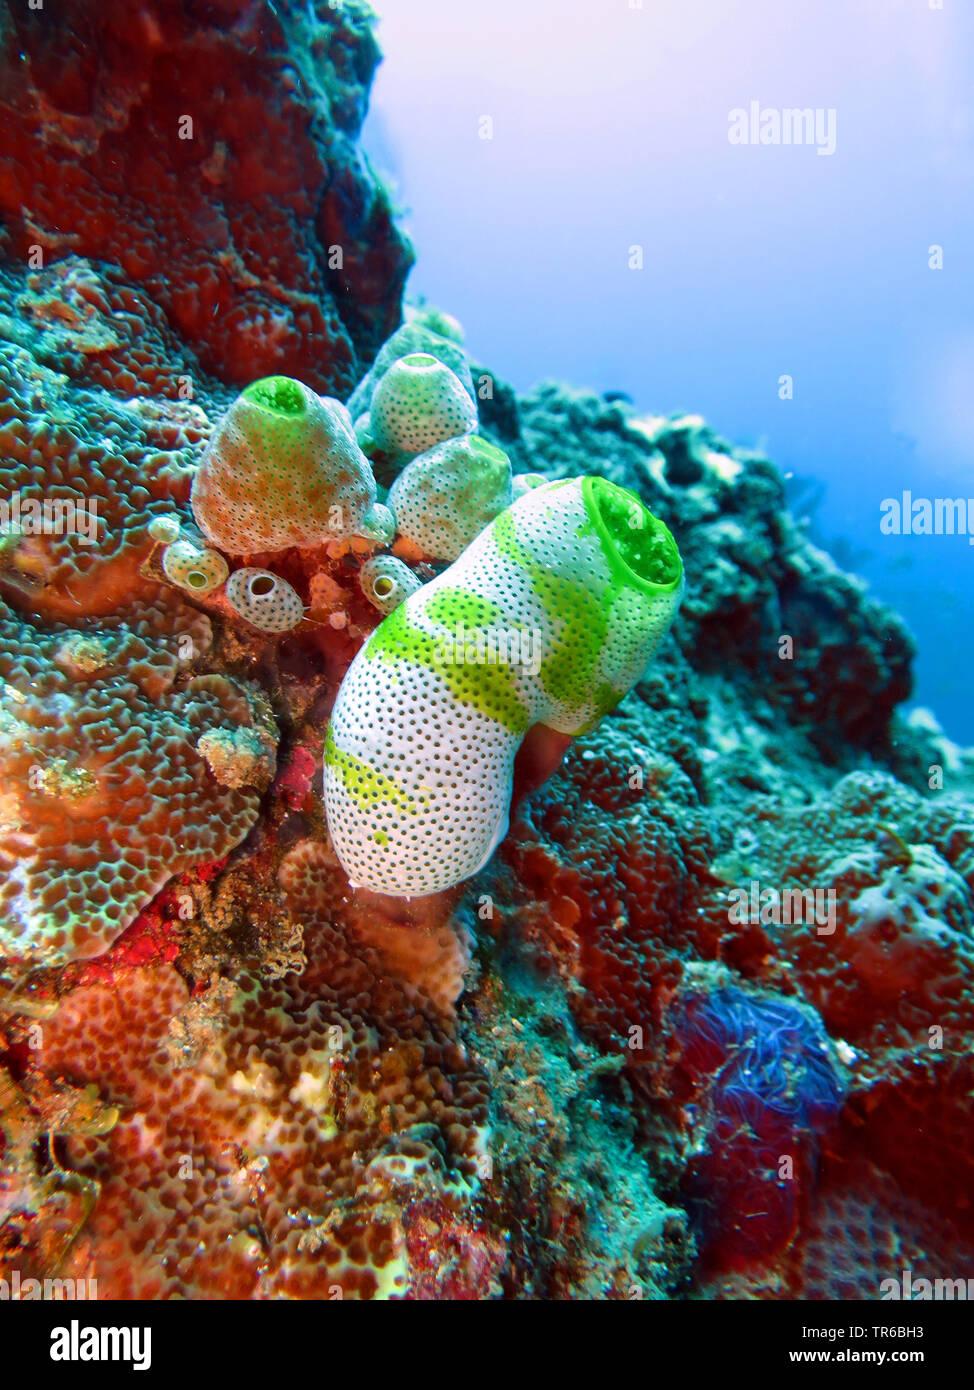 Sea Squirt robuste, petite forme d'ascidies (Atriolum robustum), sur le récif, philippines, sud de l'île de Leyte, Panaon, Pintuyan Photo Stock